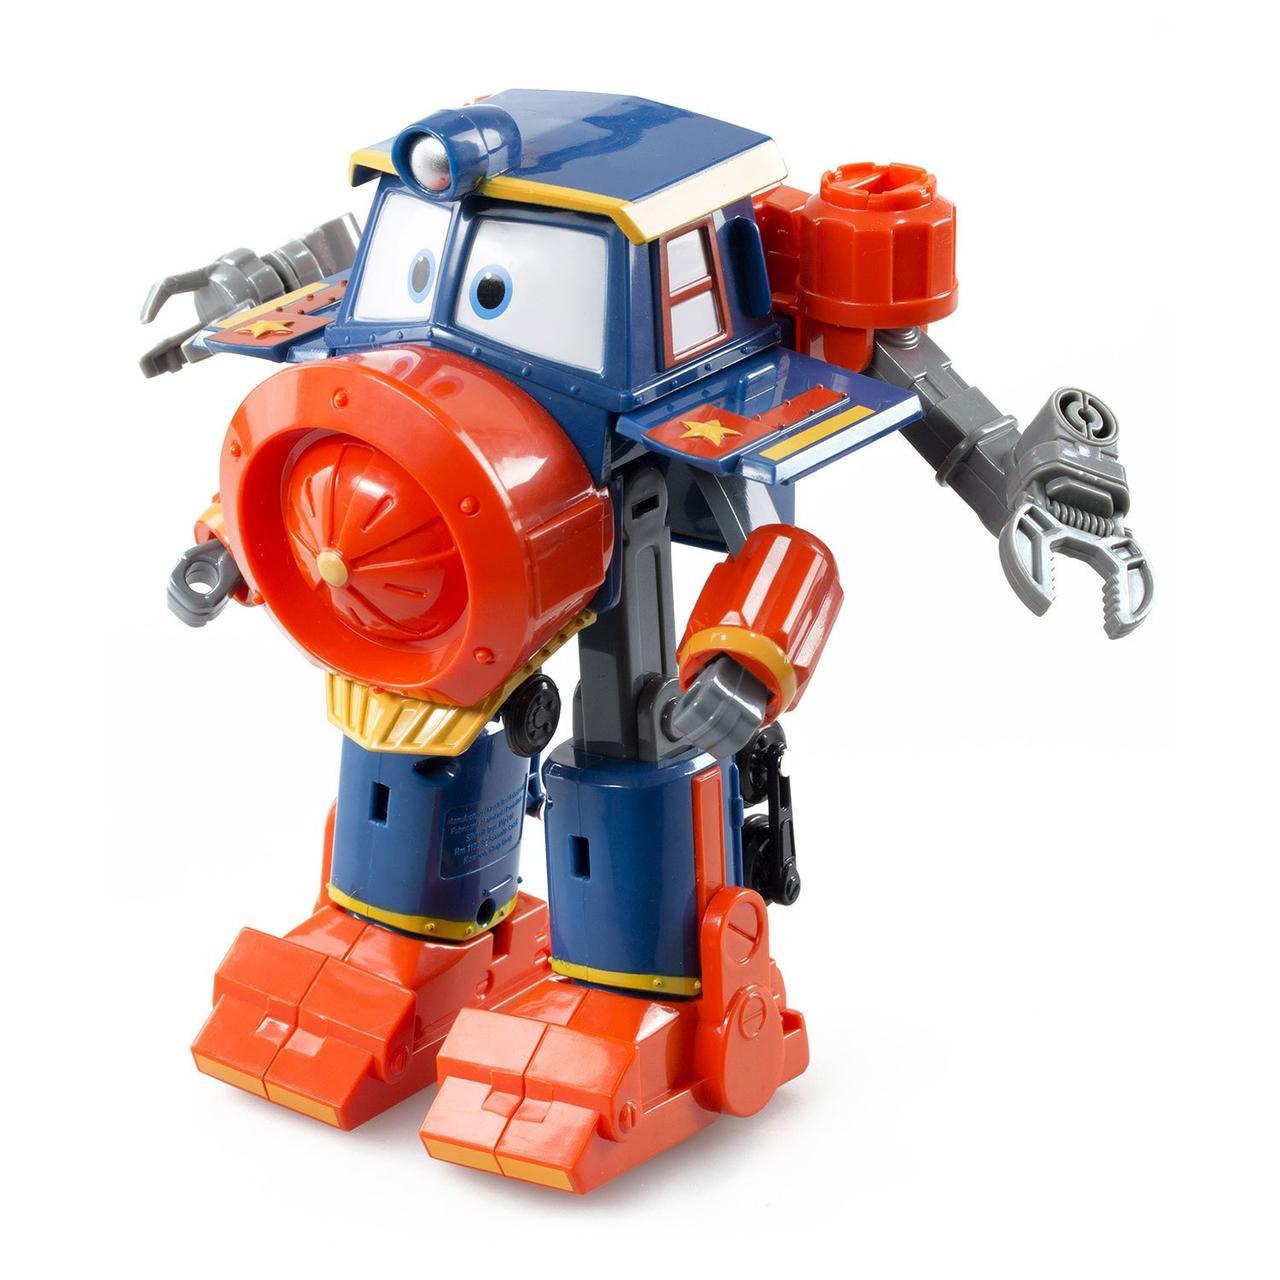 Роботы-поезда, Фигурка-трансформер Виктор с прицепом Деоюкс, 10 см